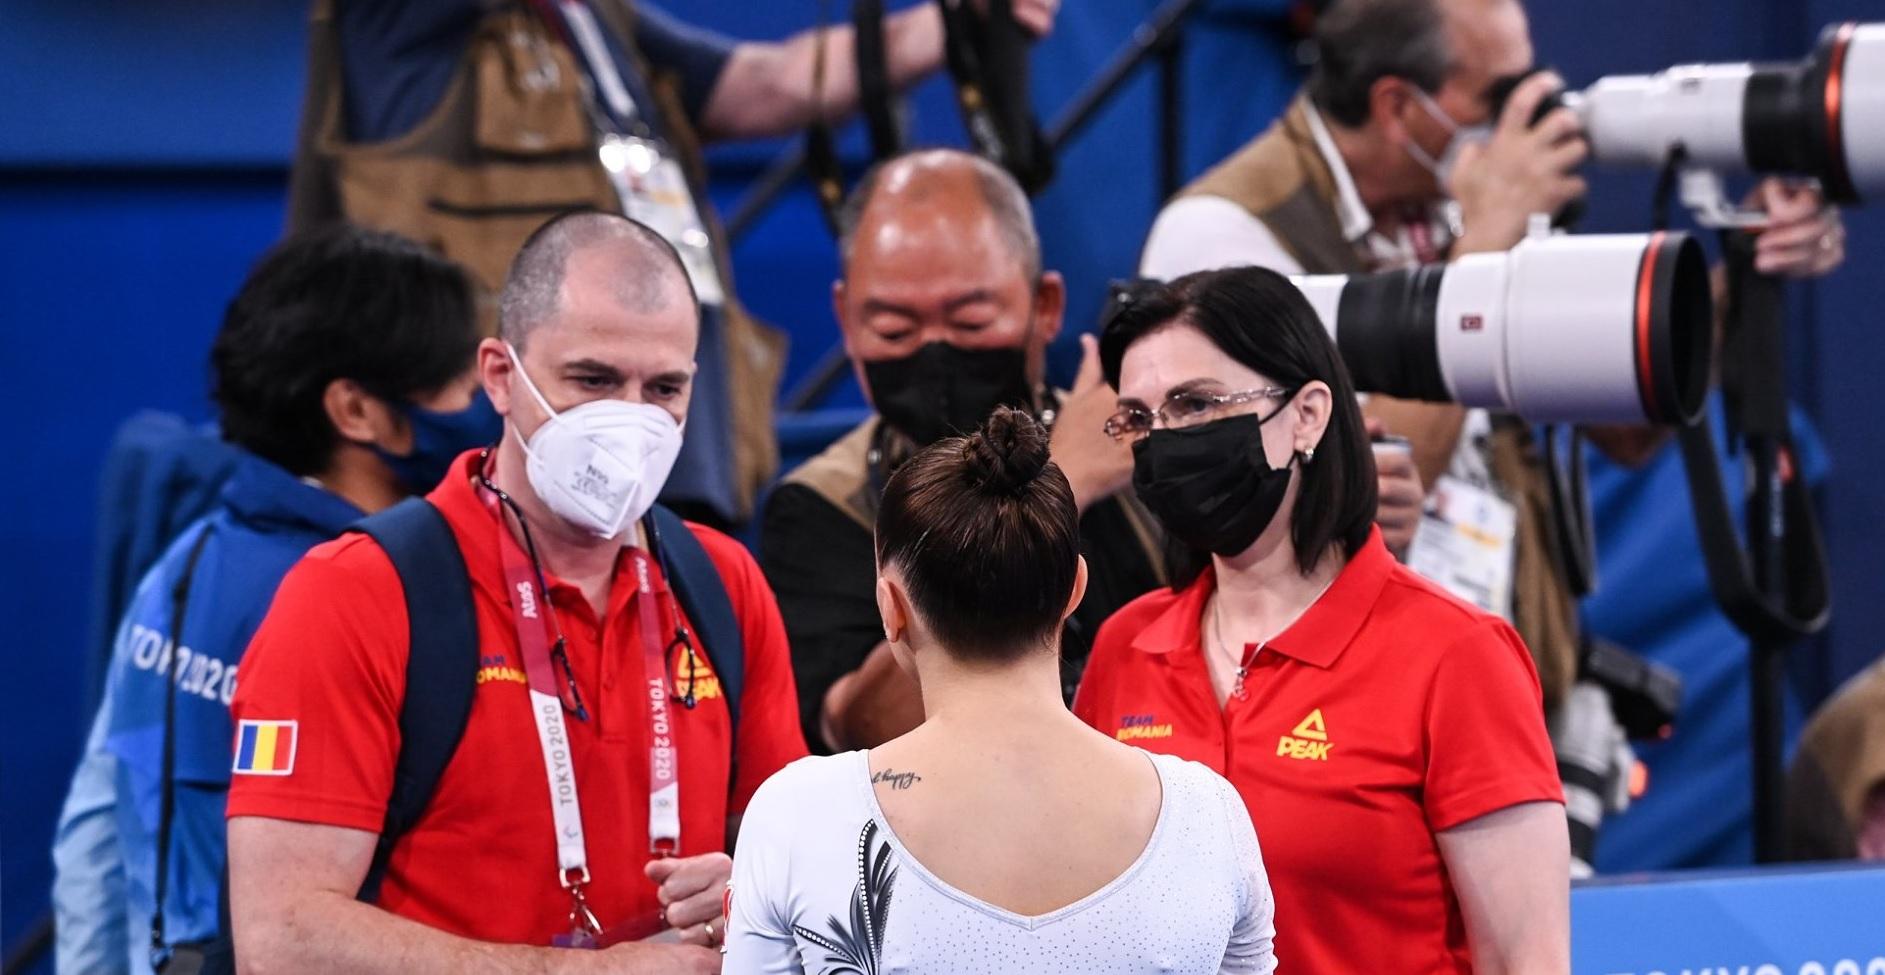 Jocurile Olimpice 2020 | Adevărul despre accidentarea dureroasă a Larisei Iordache